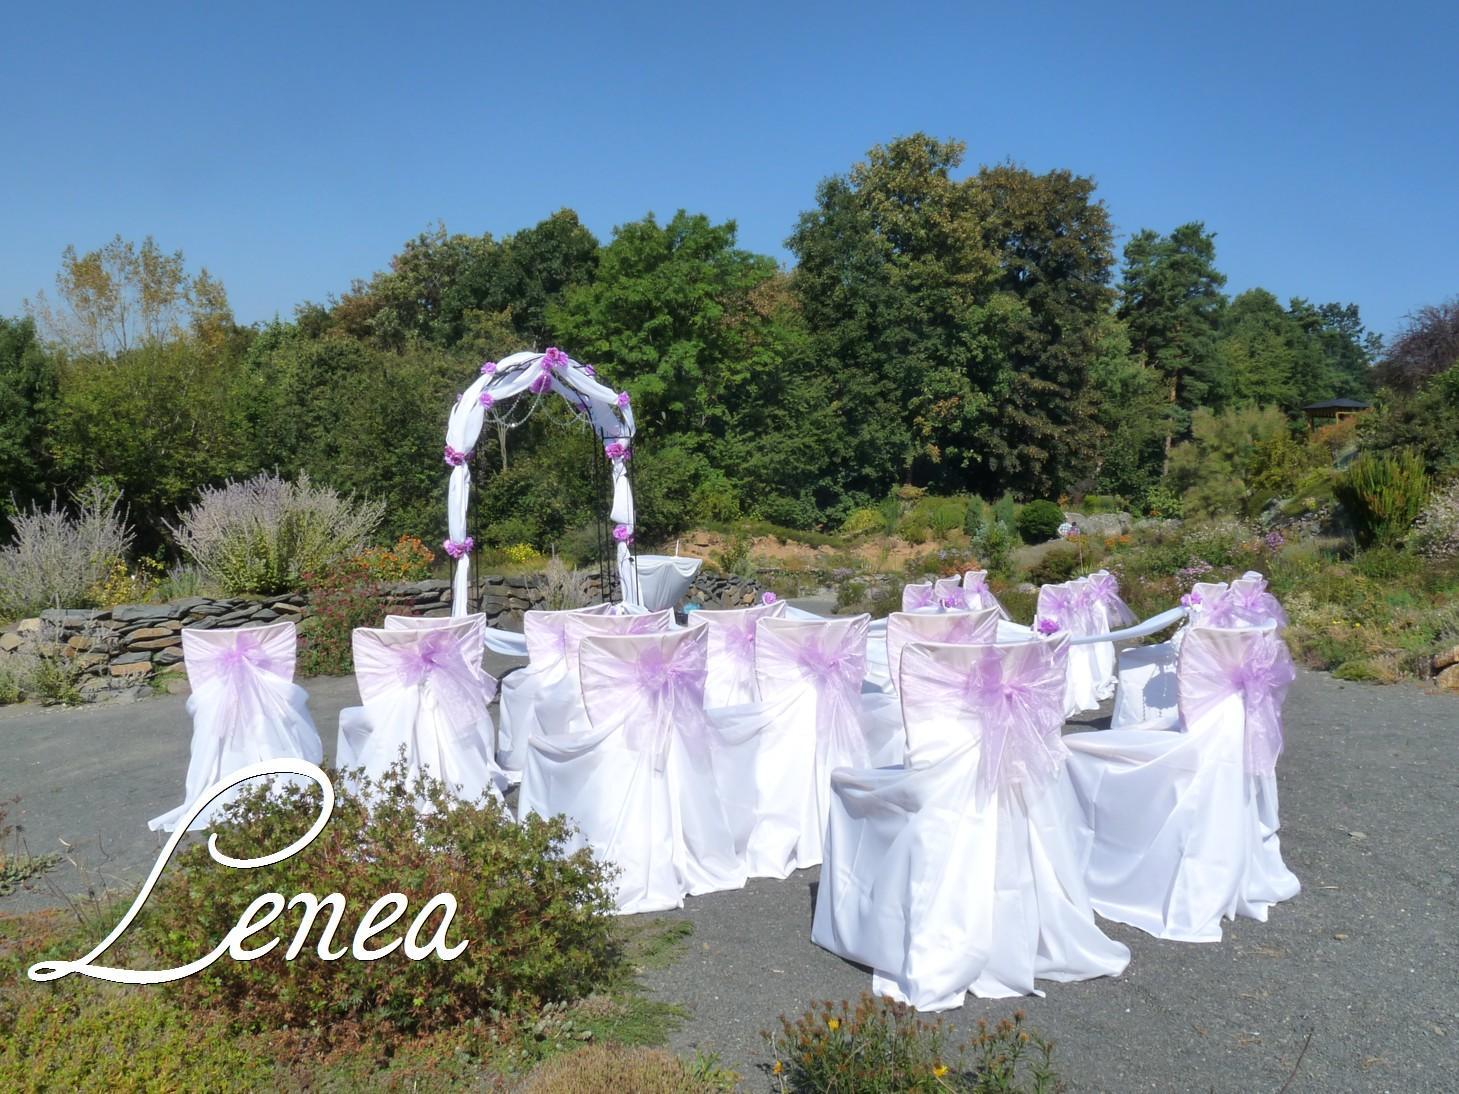 Svatební potahy na židle-zapůjčení,prodej i šití na míru - Univerzální ptahy s organzovou mašlí v lila barvě -k zapůjčení na Lenea.cz